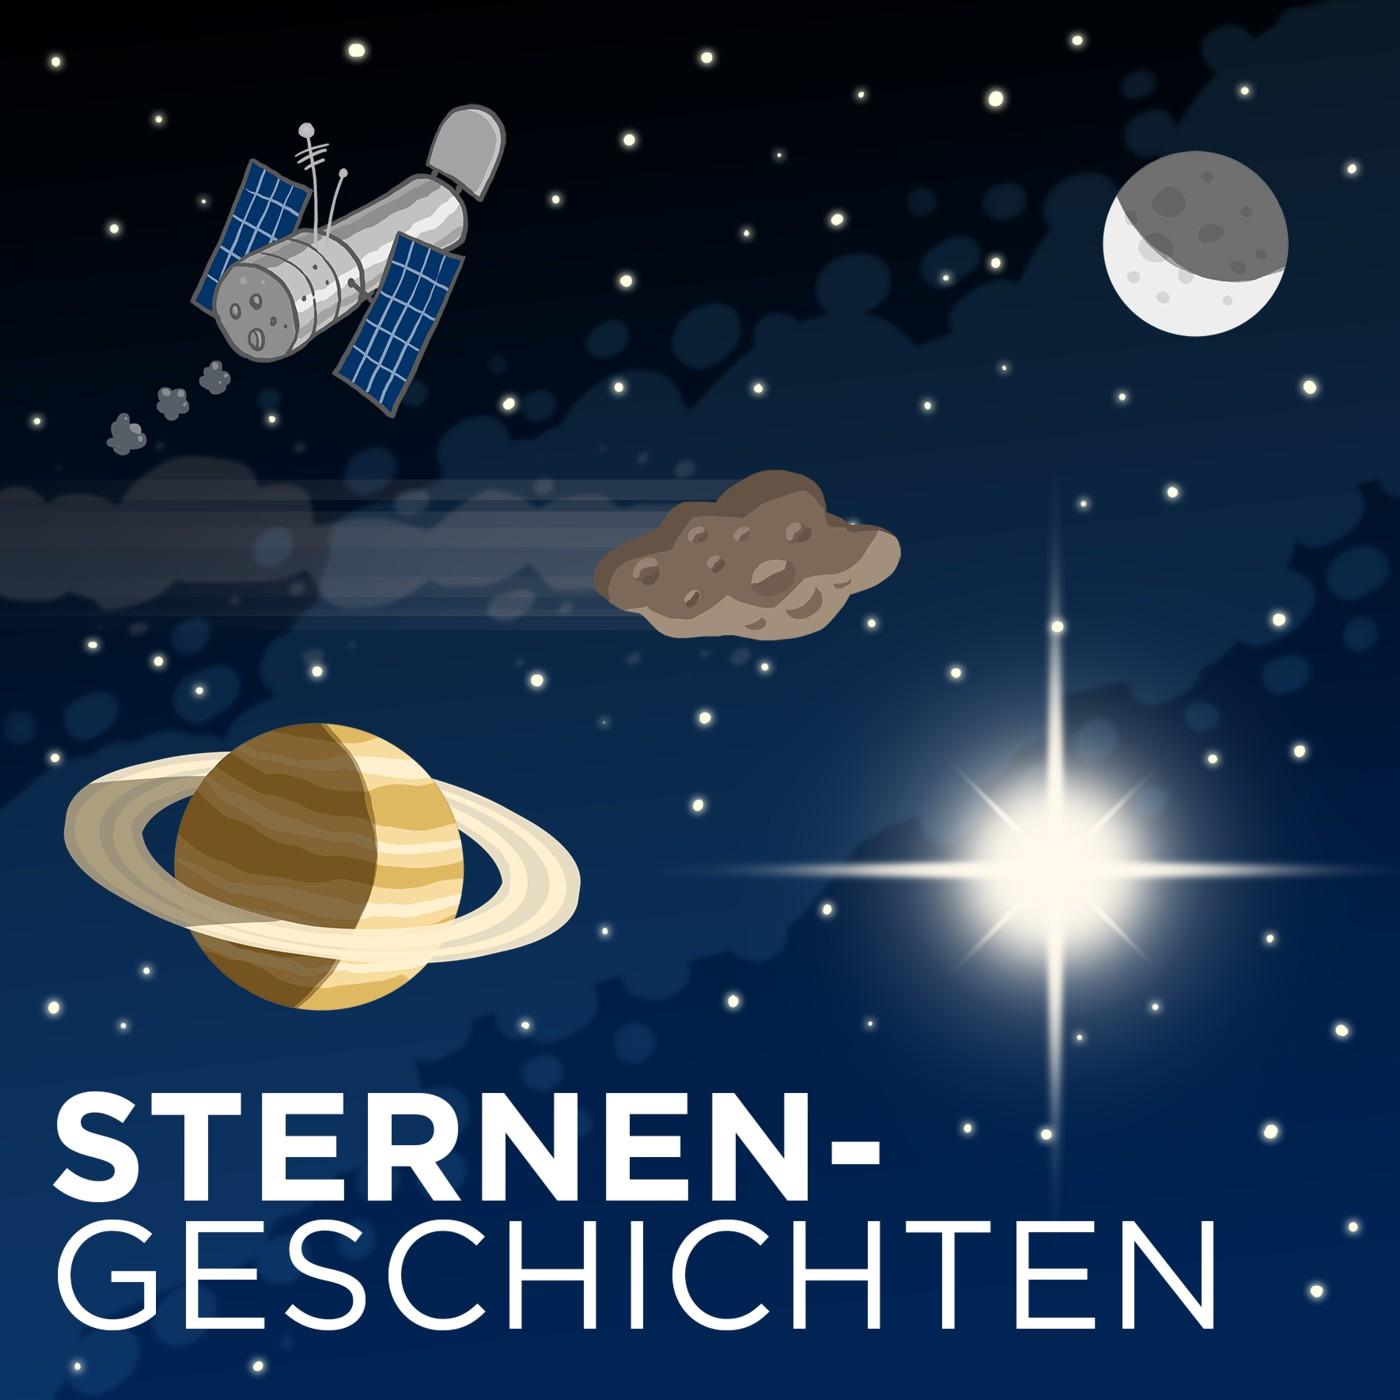 Sternengeschichten Folge 437: Icarus und das Licht der fernsten Sterne